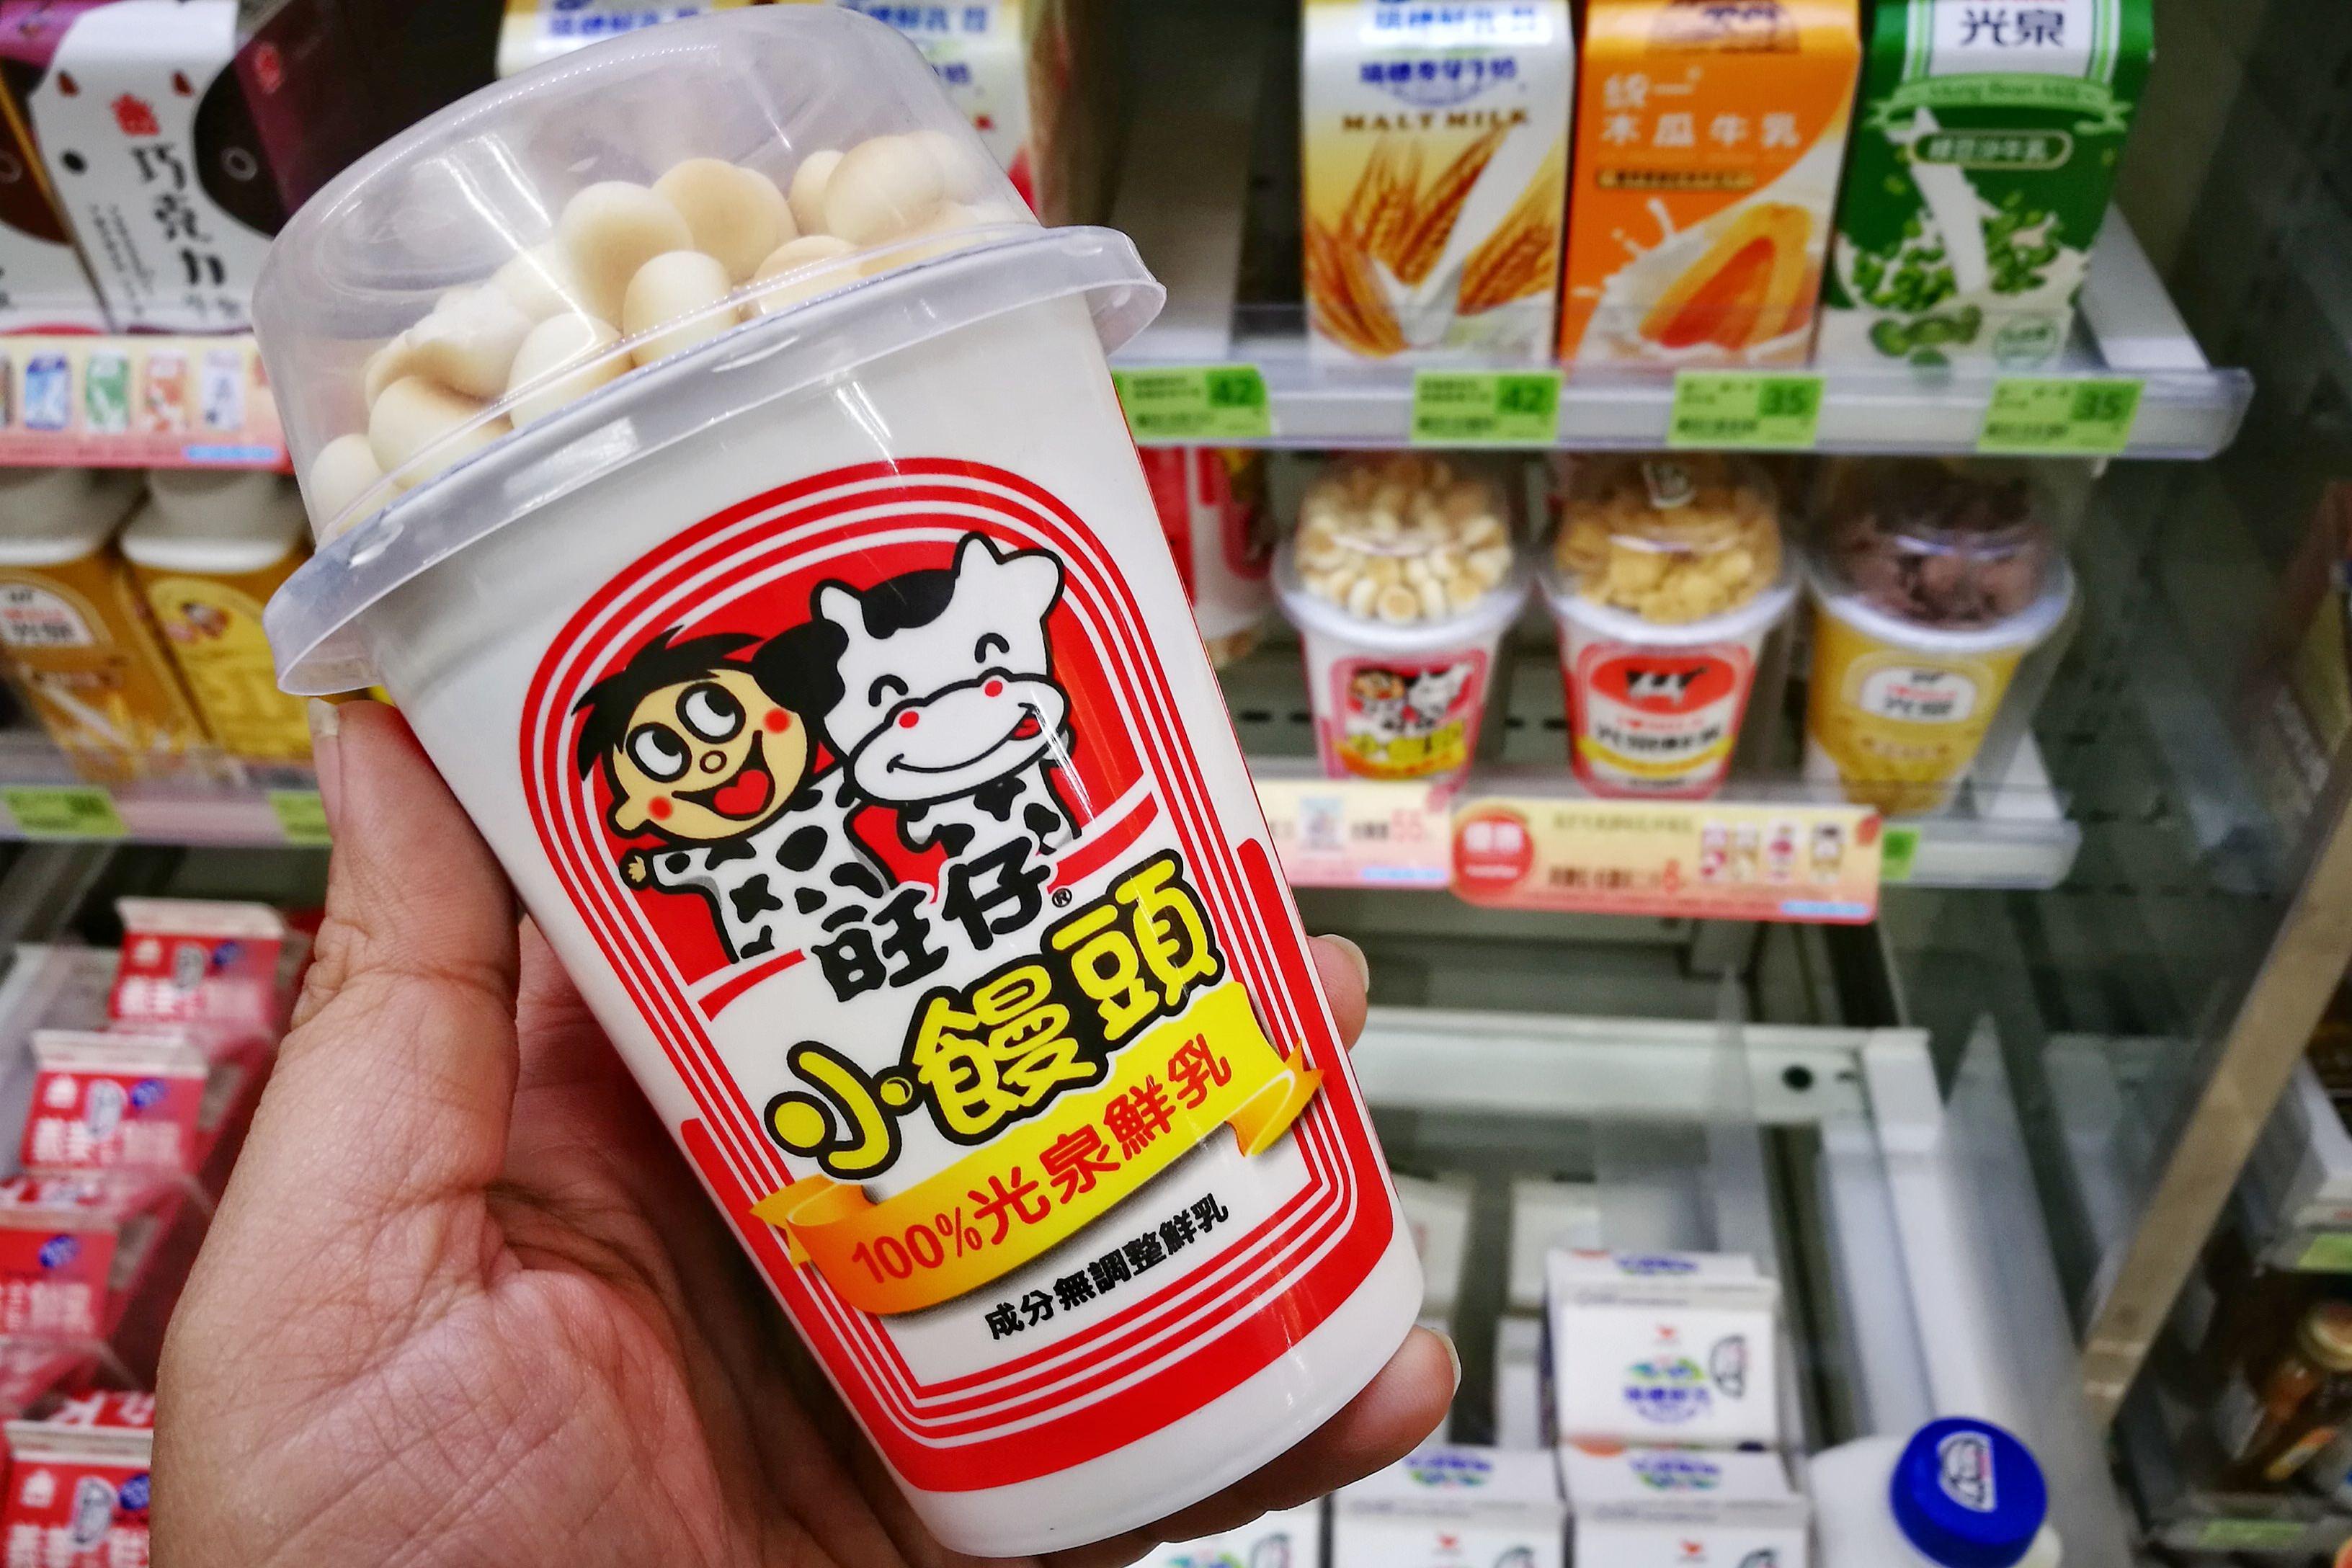 20190127153057 99 - 全家限定!IG瘋傳最新旺仔小饅頭鮮奶~吃的是回憶啊!